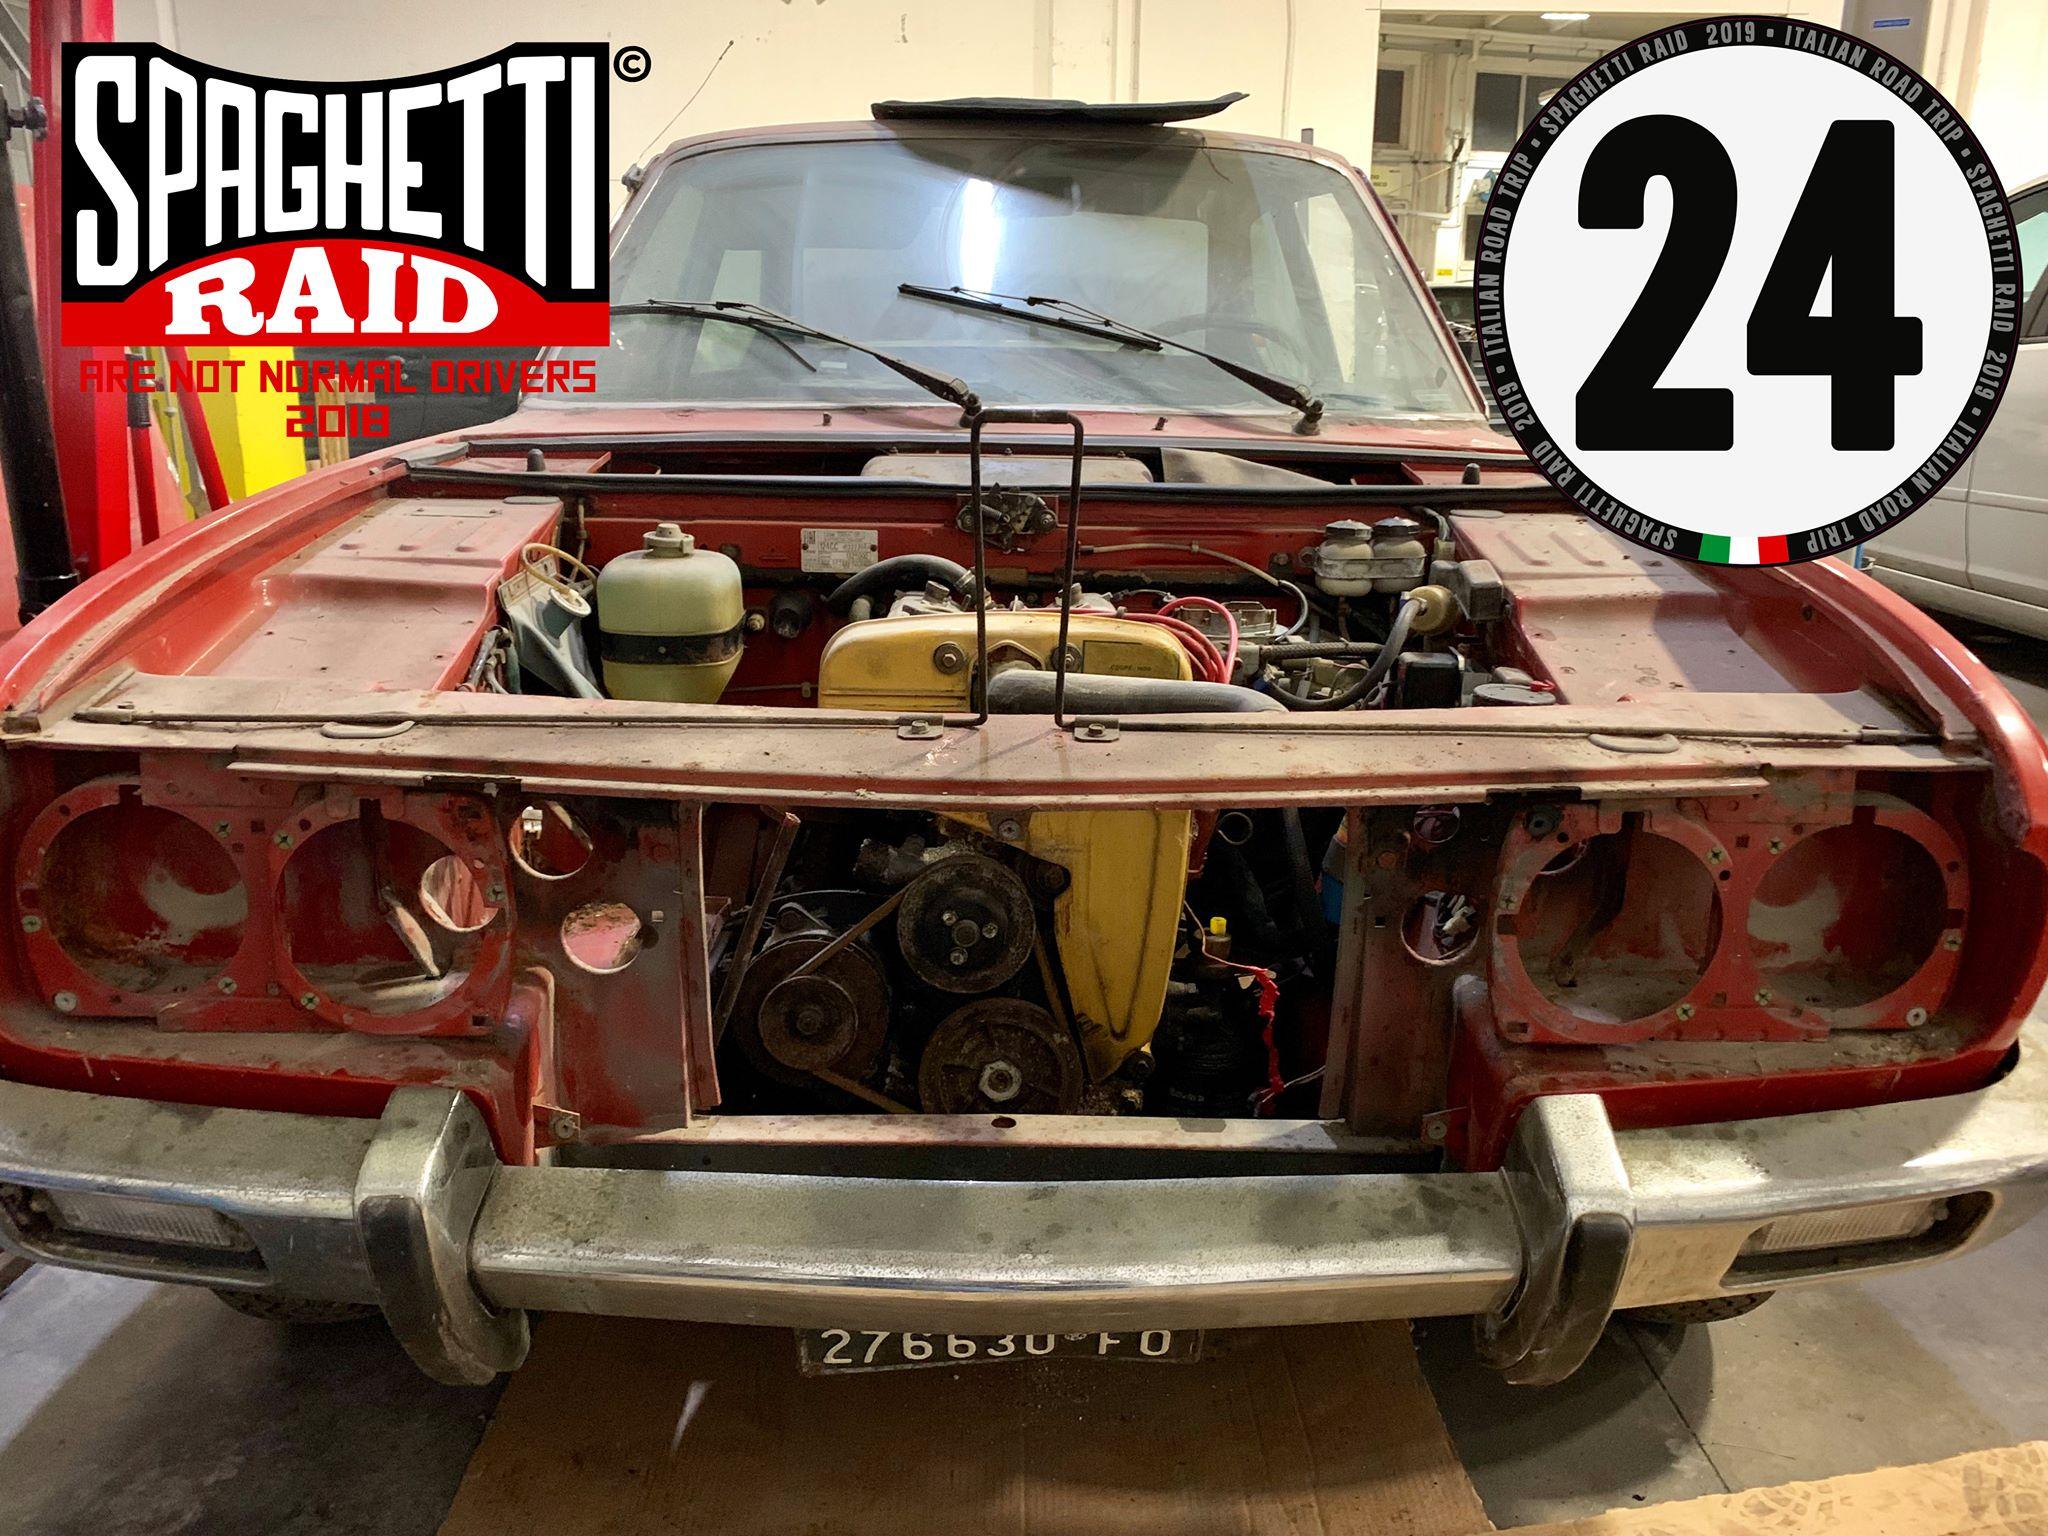 Team AMARCORD PIU' #24 FIAT 124 SPORT COUPE' del 74 Città: Misano Adriatico RN